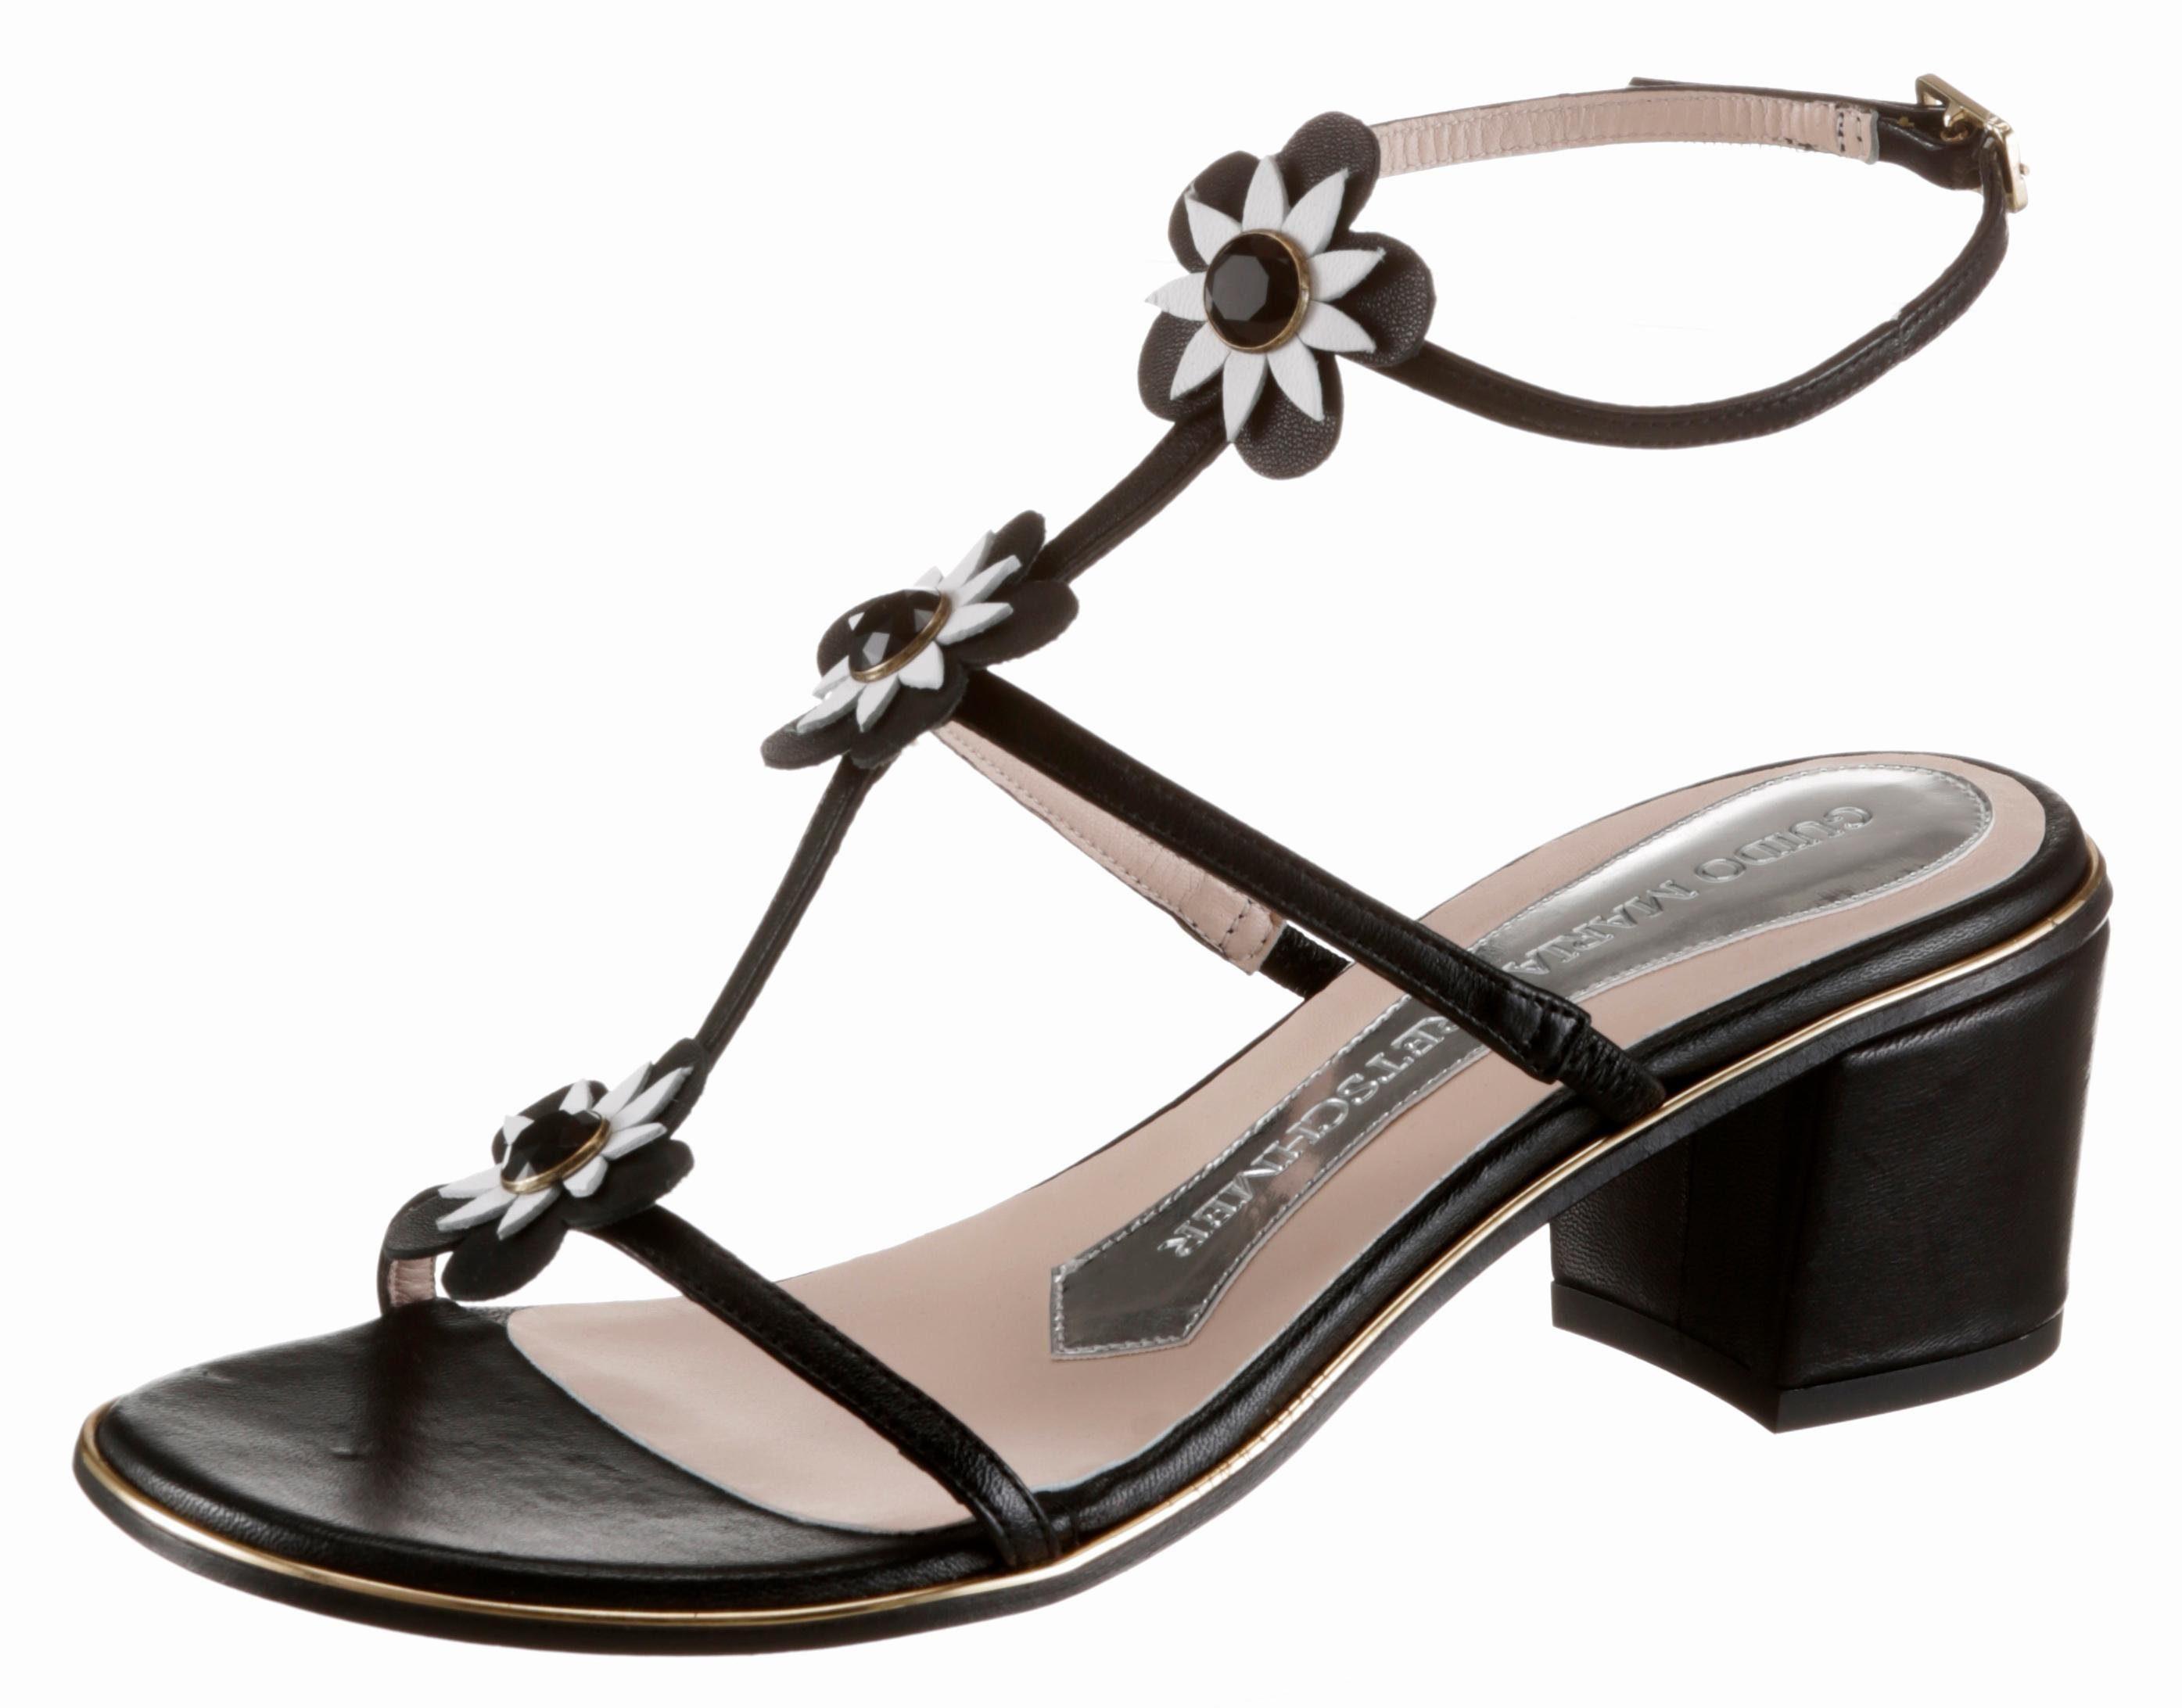 GUIDO MARIA KRETSCHMER Sandalette, mit Blüten und funkelnden Schmucksteinen, schwarz, schwarz-weiß